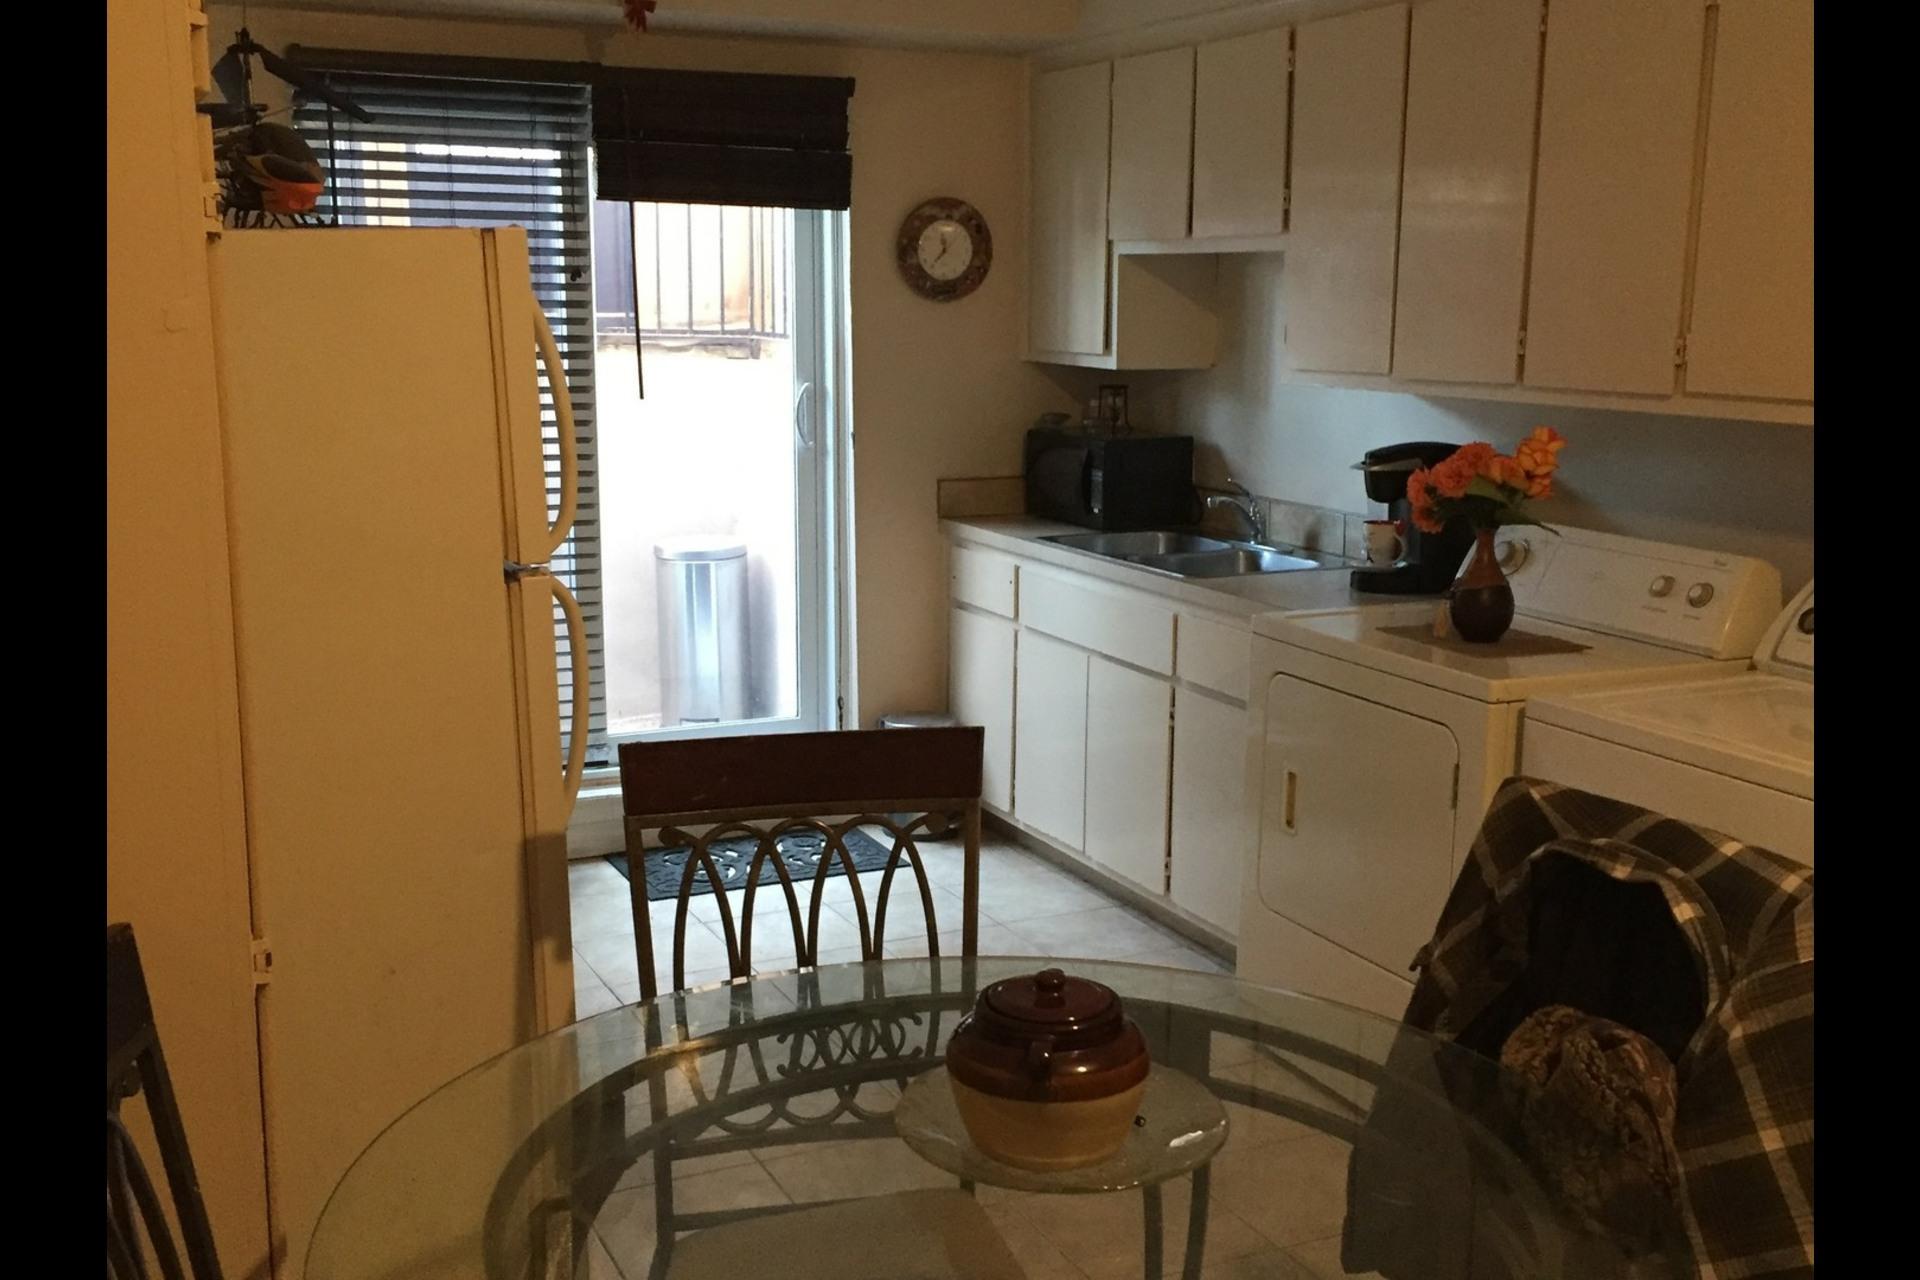 image 2 - Appartement À louer Montréal Rivière-des-Prairies - 3 pièces